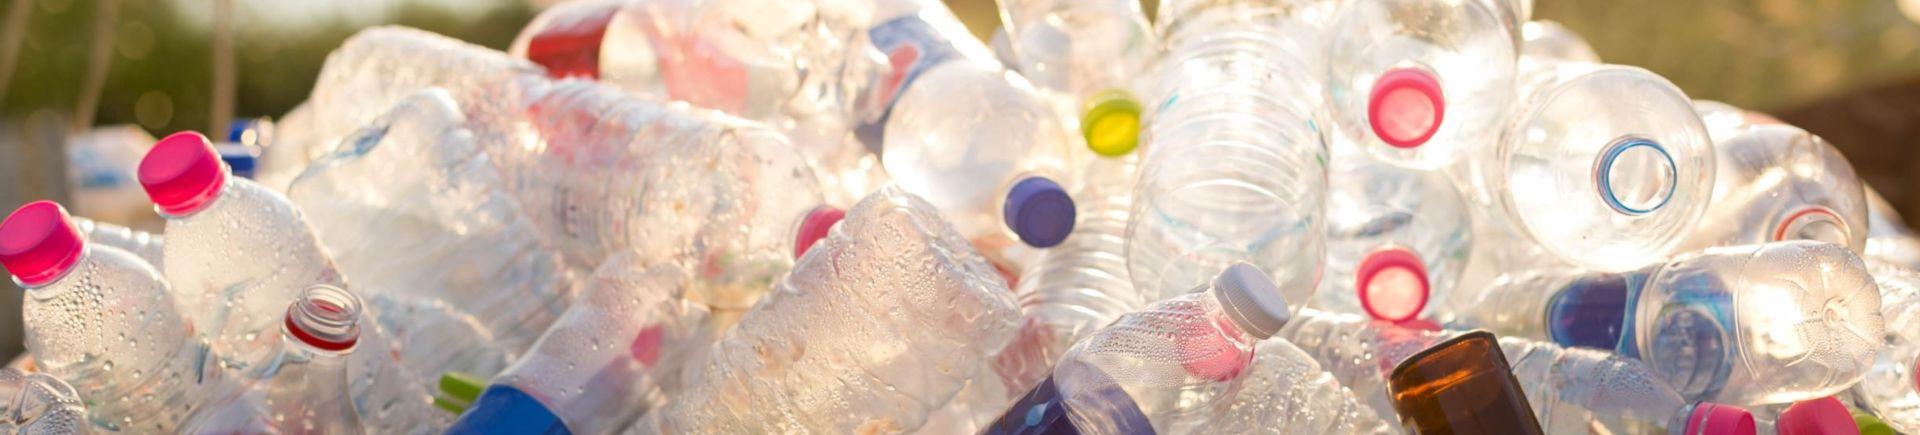 Tamil Nadu plastic ban